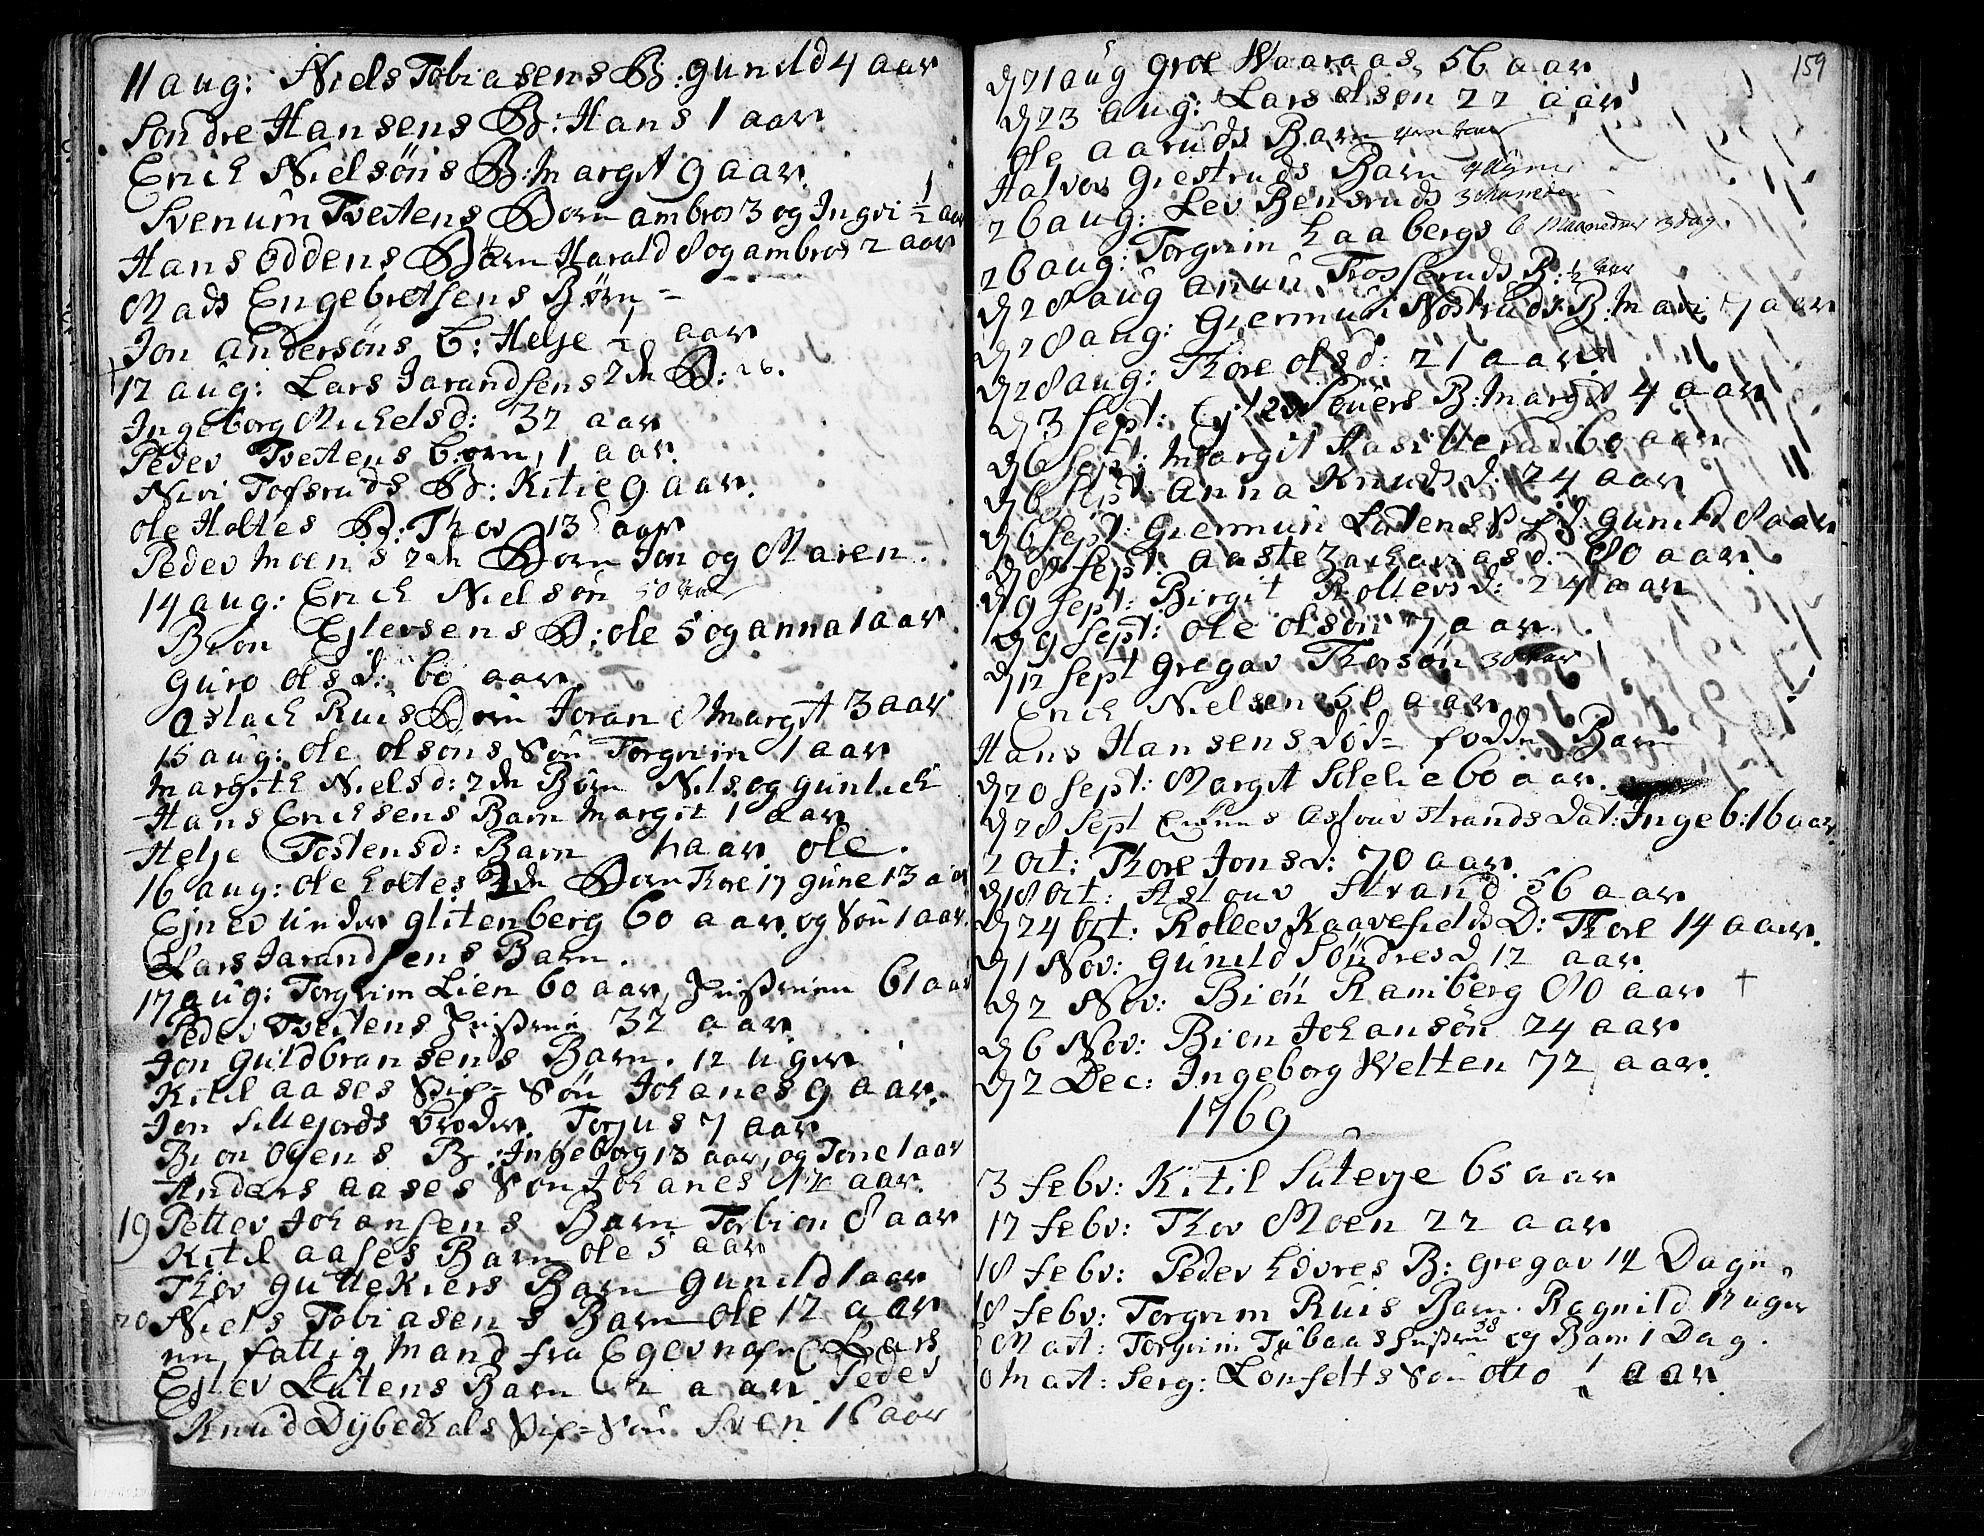 SAKO, Heddal kirkebøker, F/Fa/L0003: Ministerialbok nr. I 3, 1723-1783, s. 159